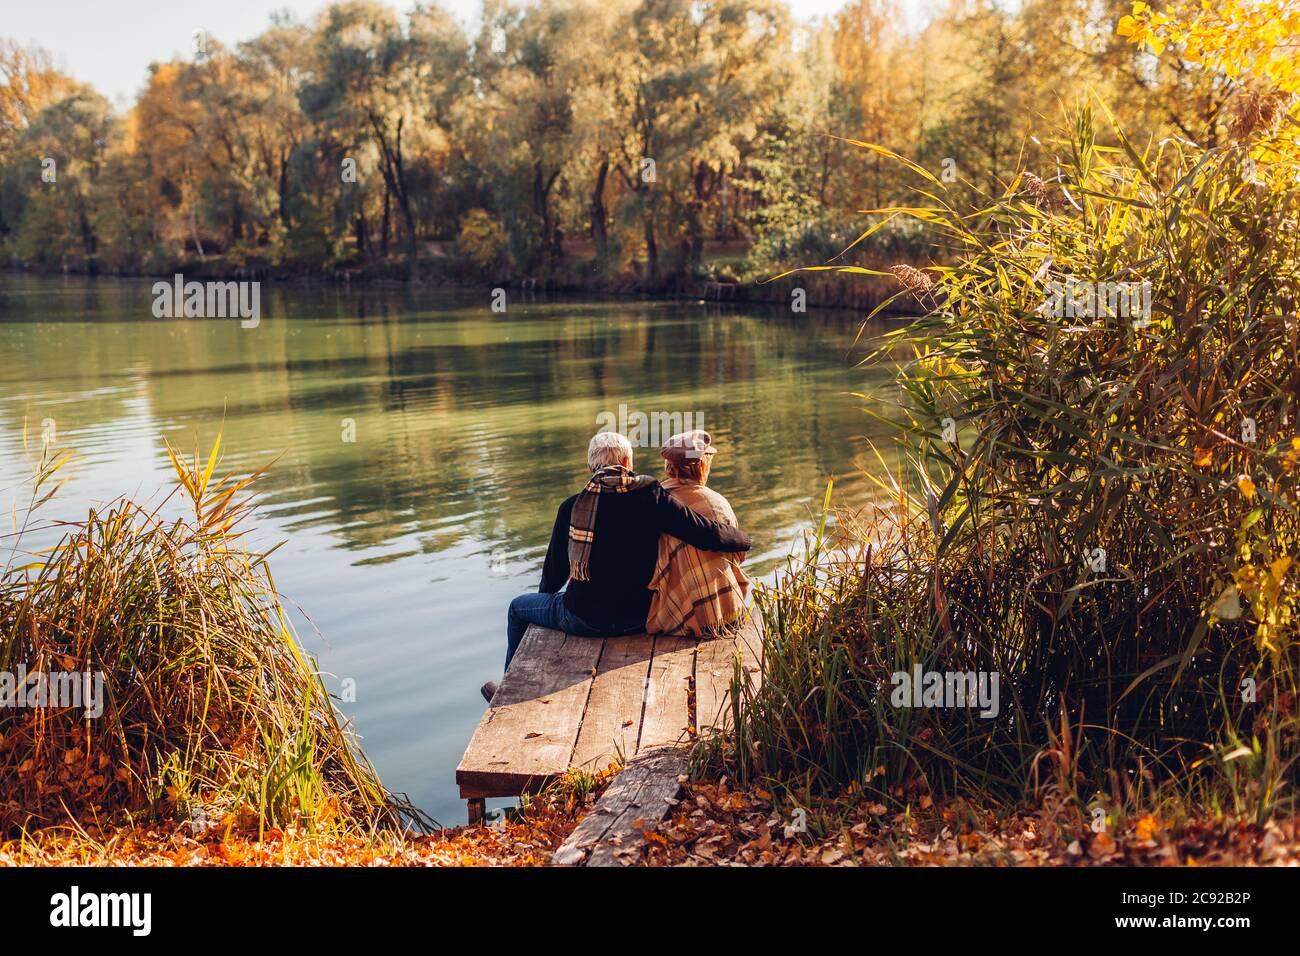 Pareja de la familia mayor relajándose en el lago de otoño. Hombre y mujer disfrutando de la naturaleza y abrazando sentado en el muelle Foto de stock